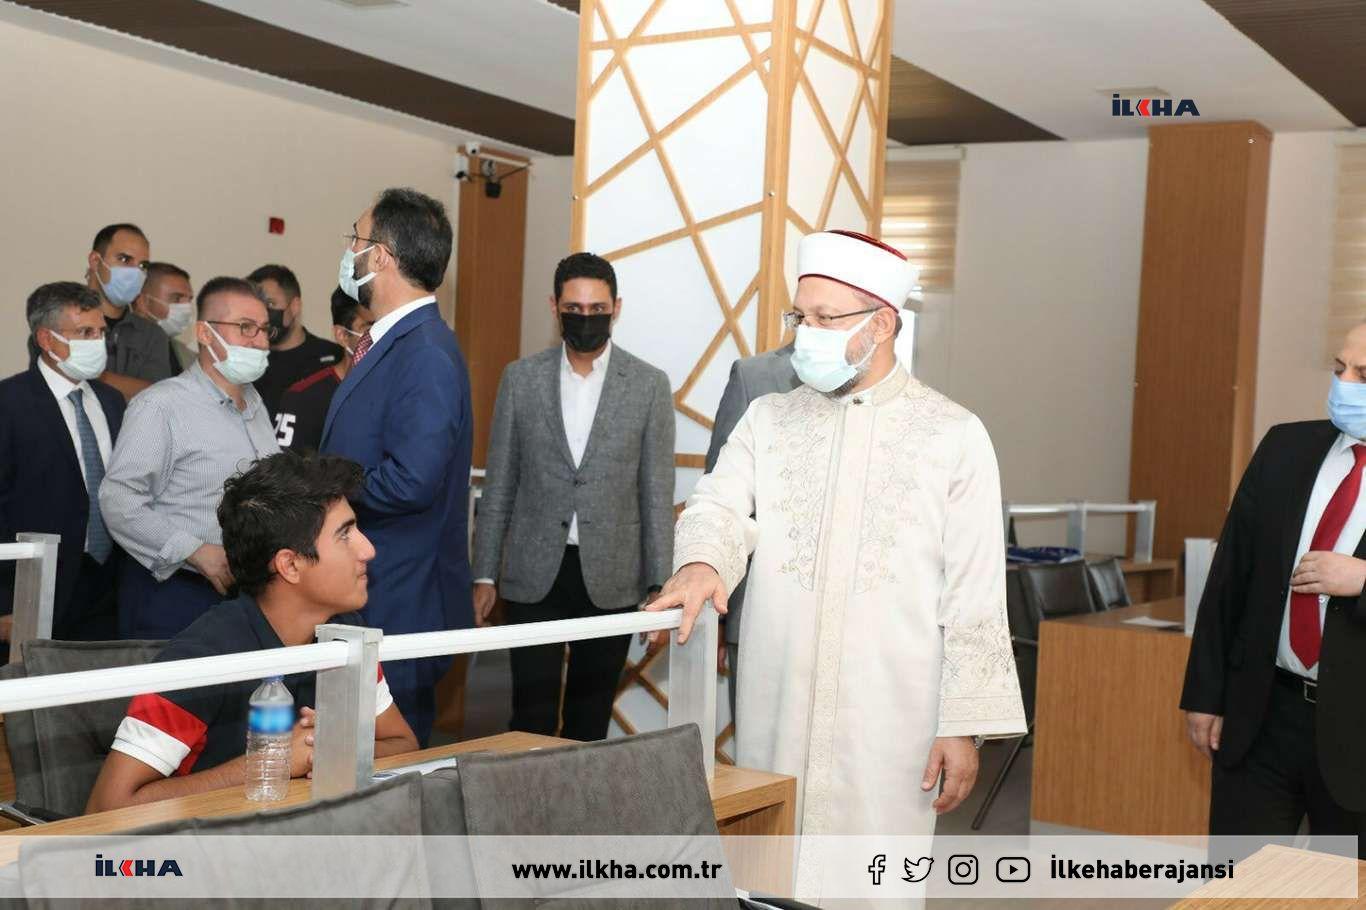 Diyanet İşleri Başkanı Erbaş, gençlik ve kültür merkezini ziyaret etti